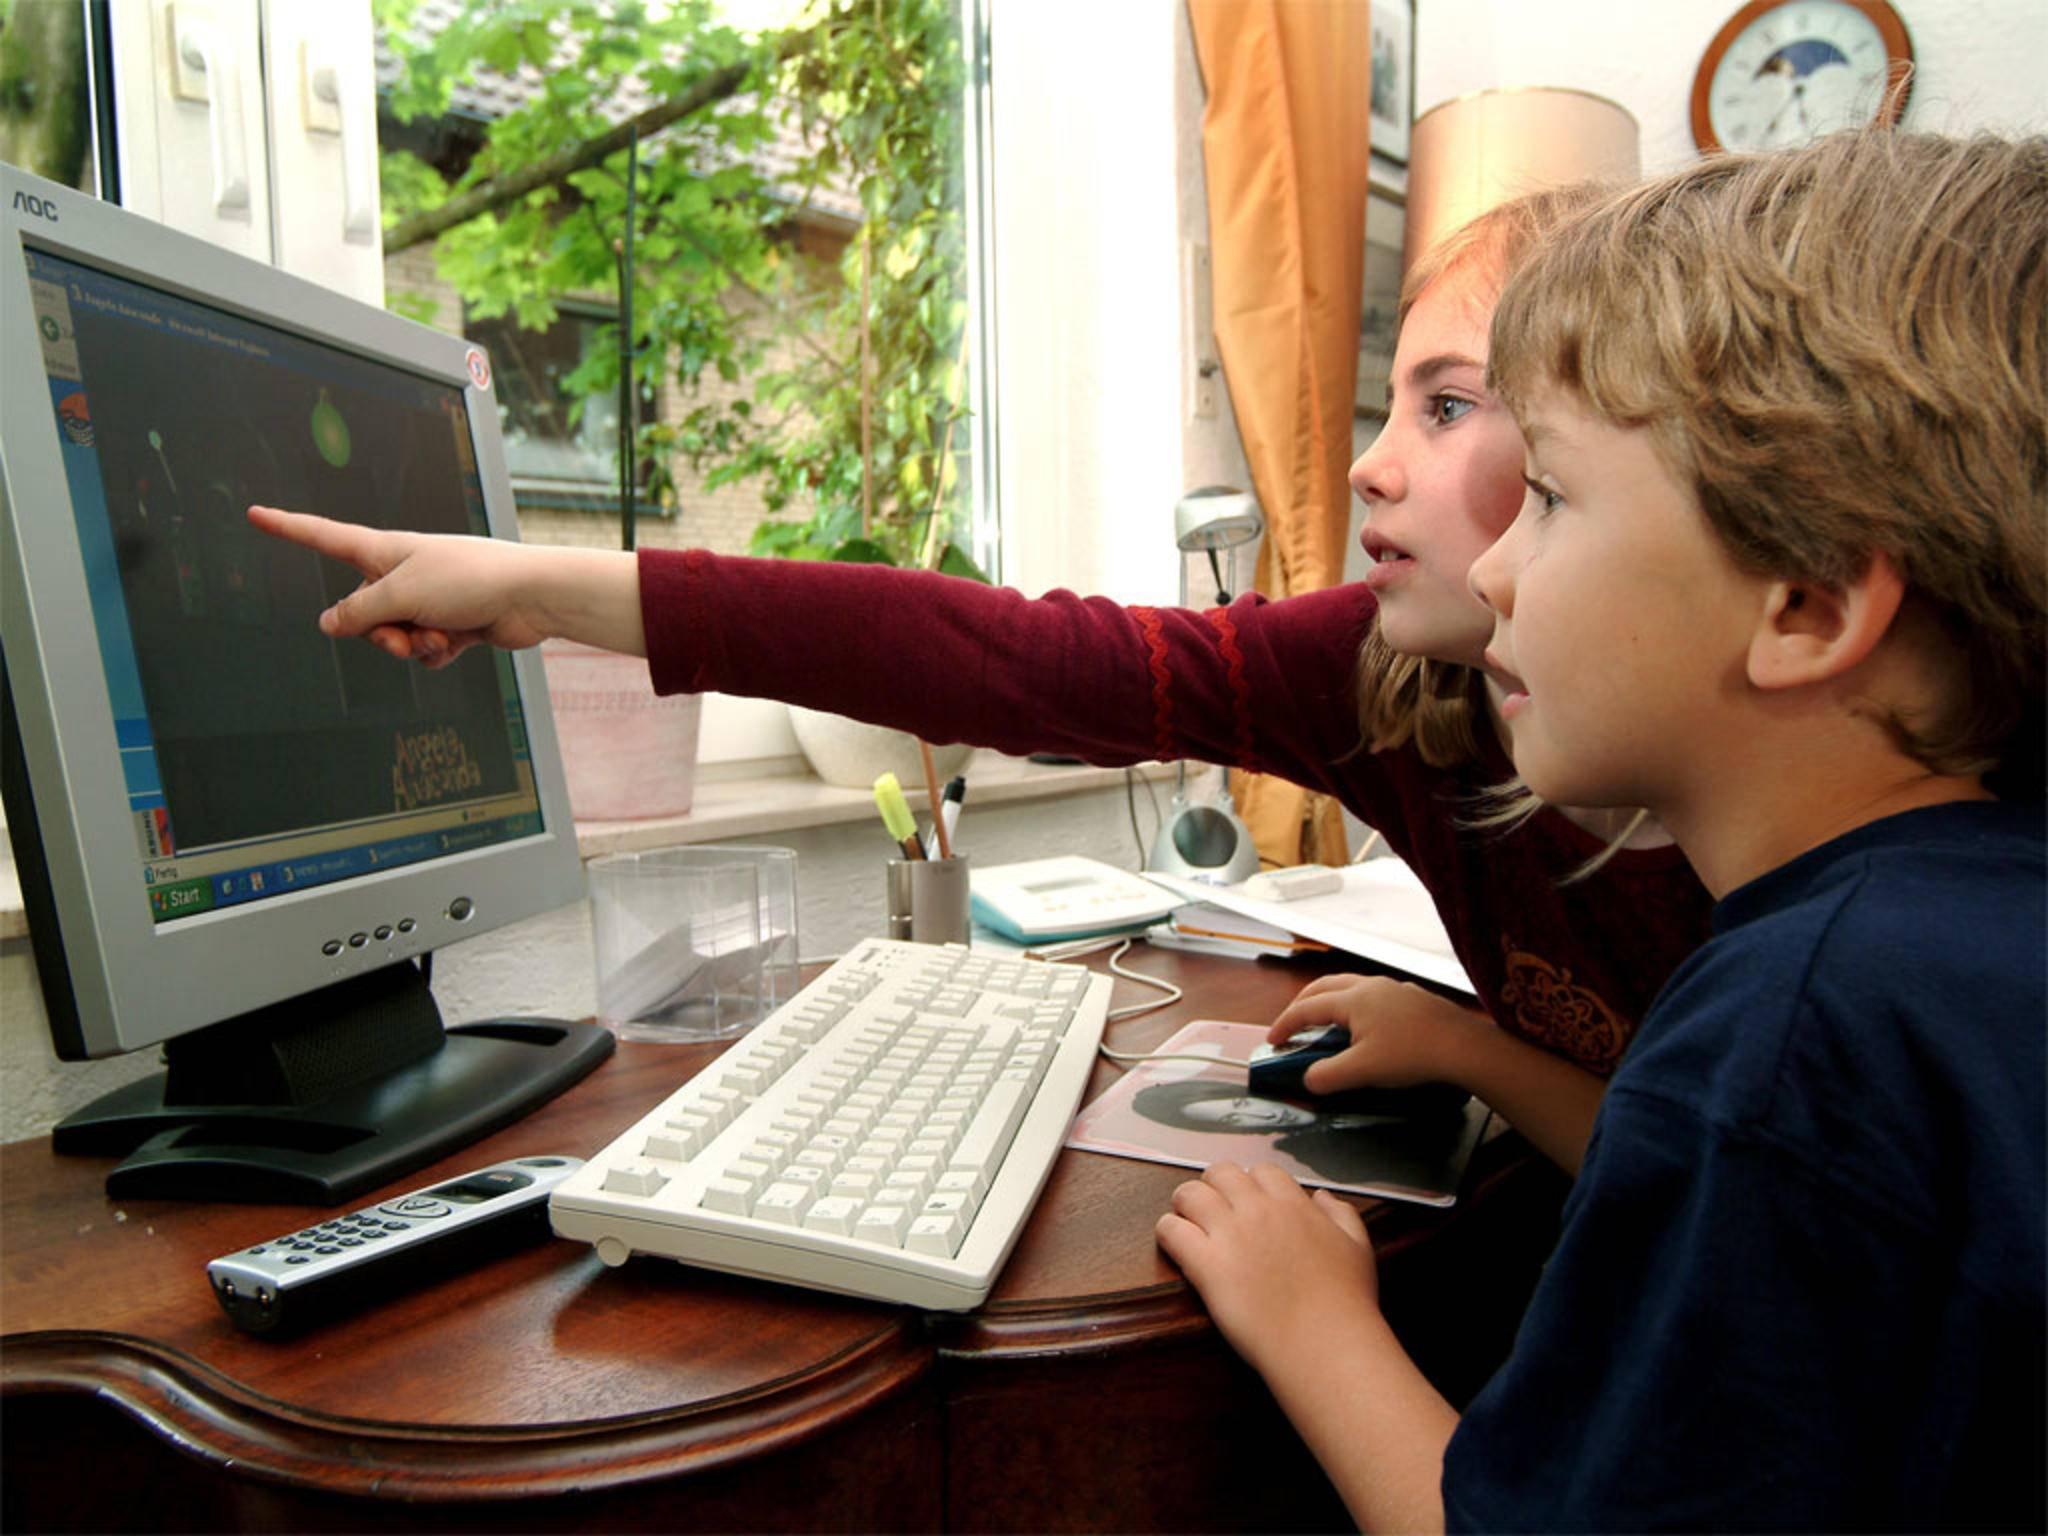 Die besten PC-Spiele für Kinder